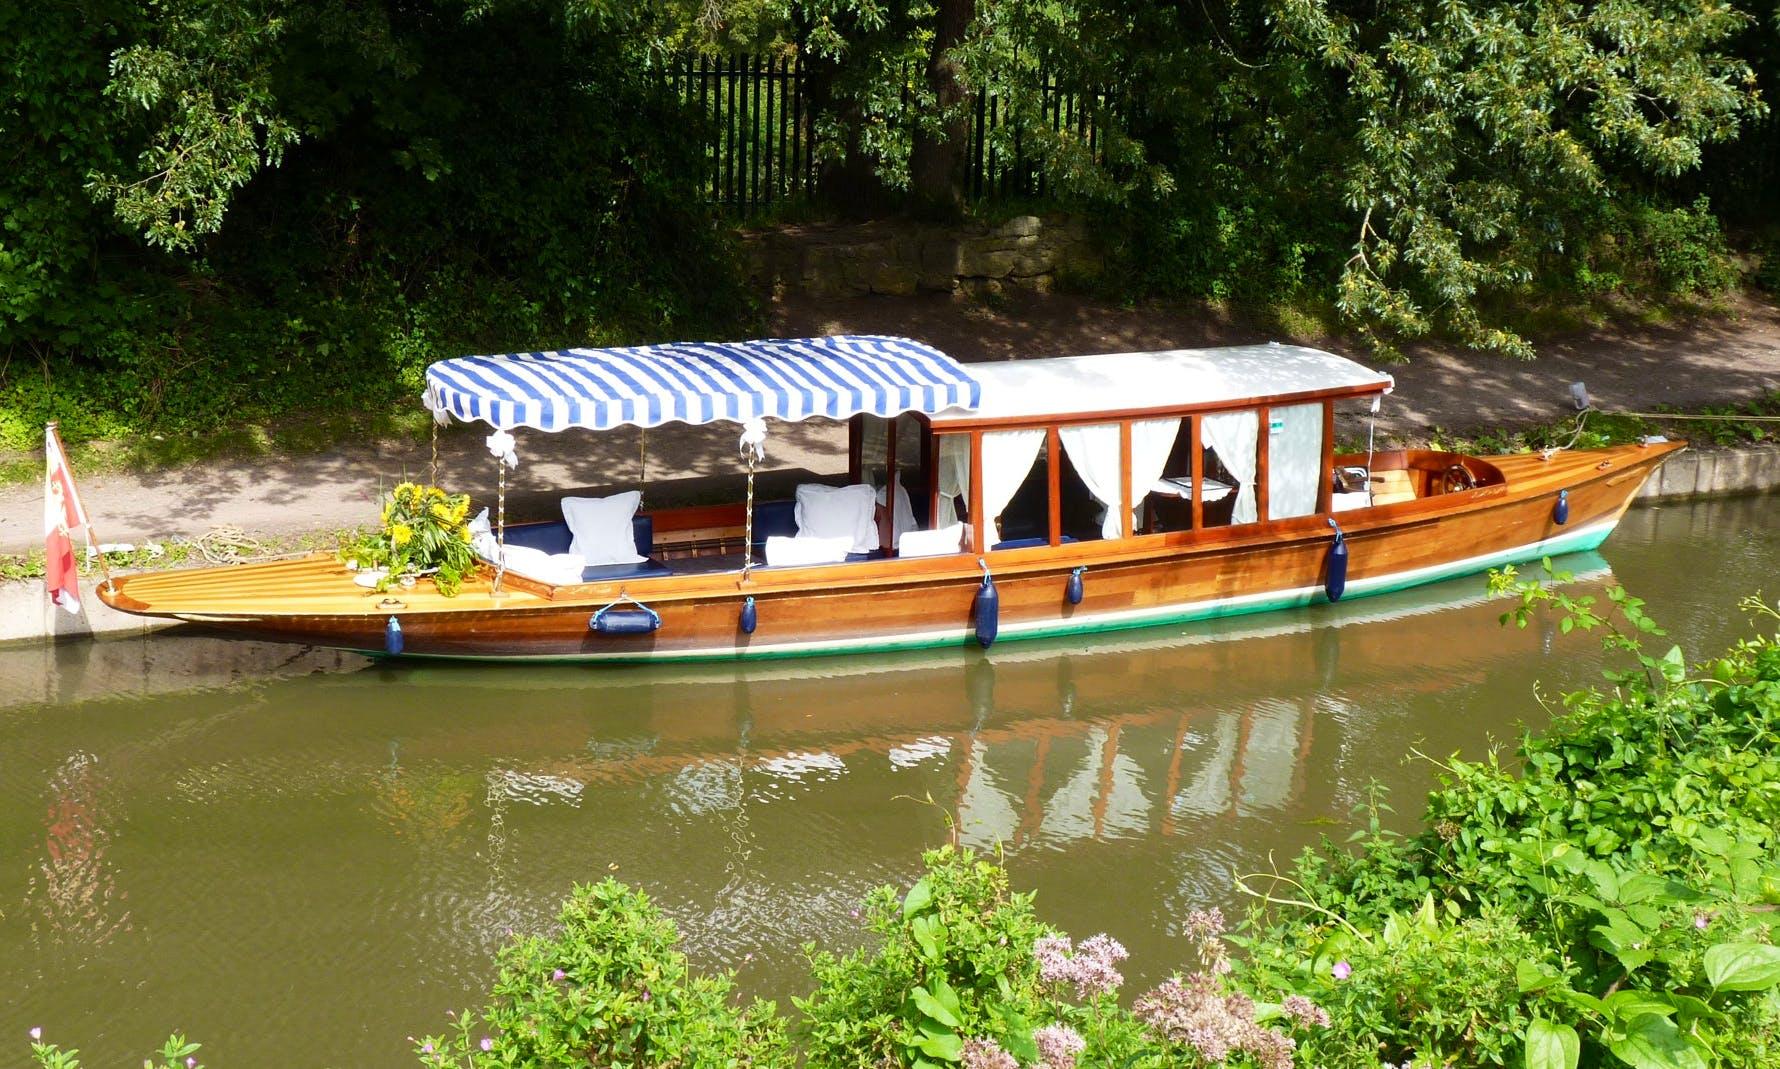 Canal Boat Rental in Bath, UK